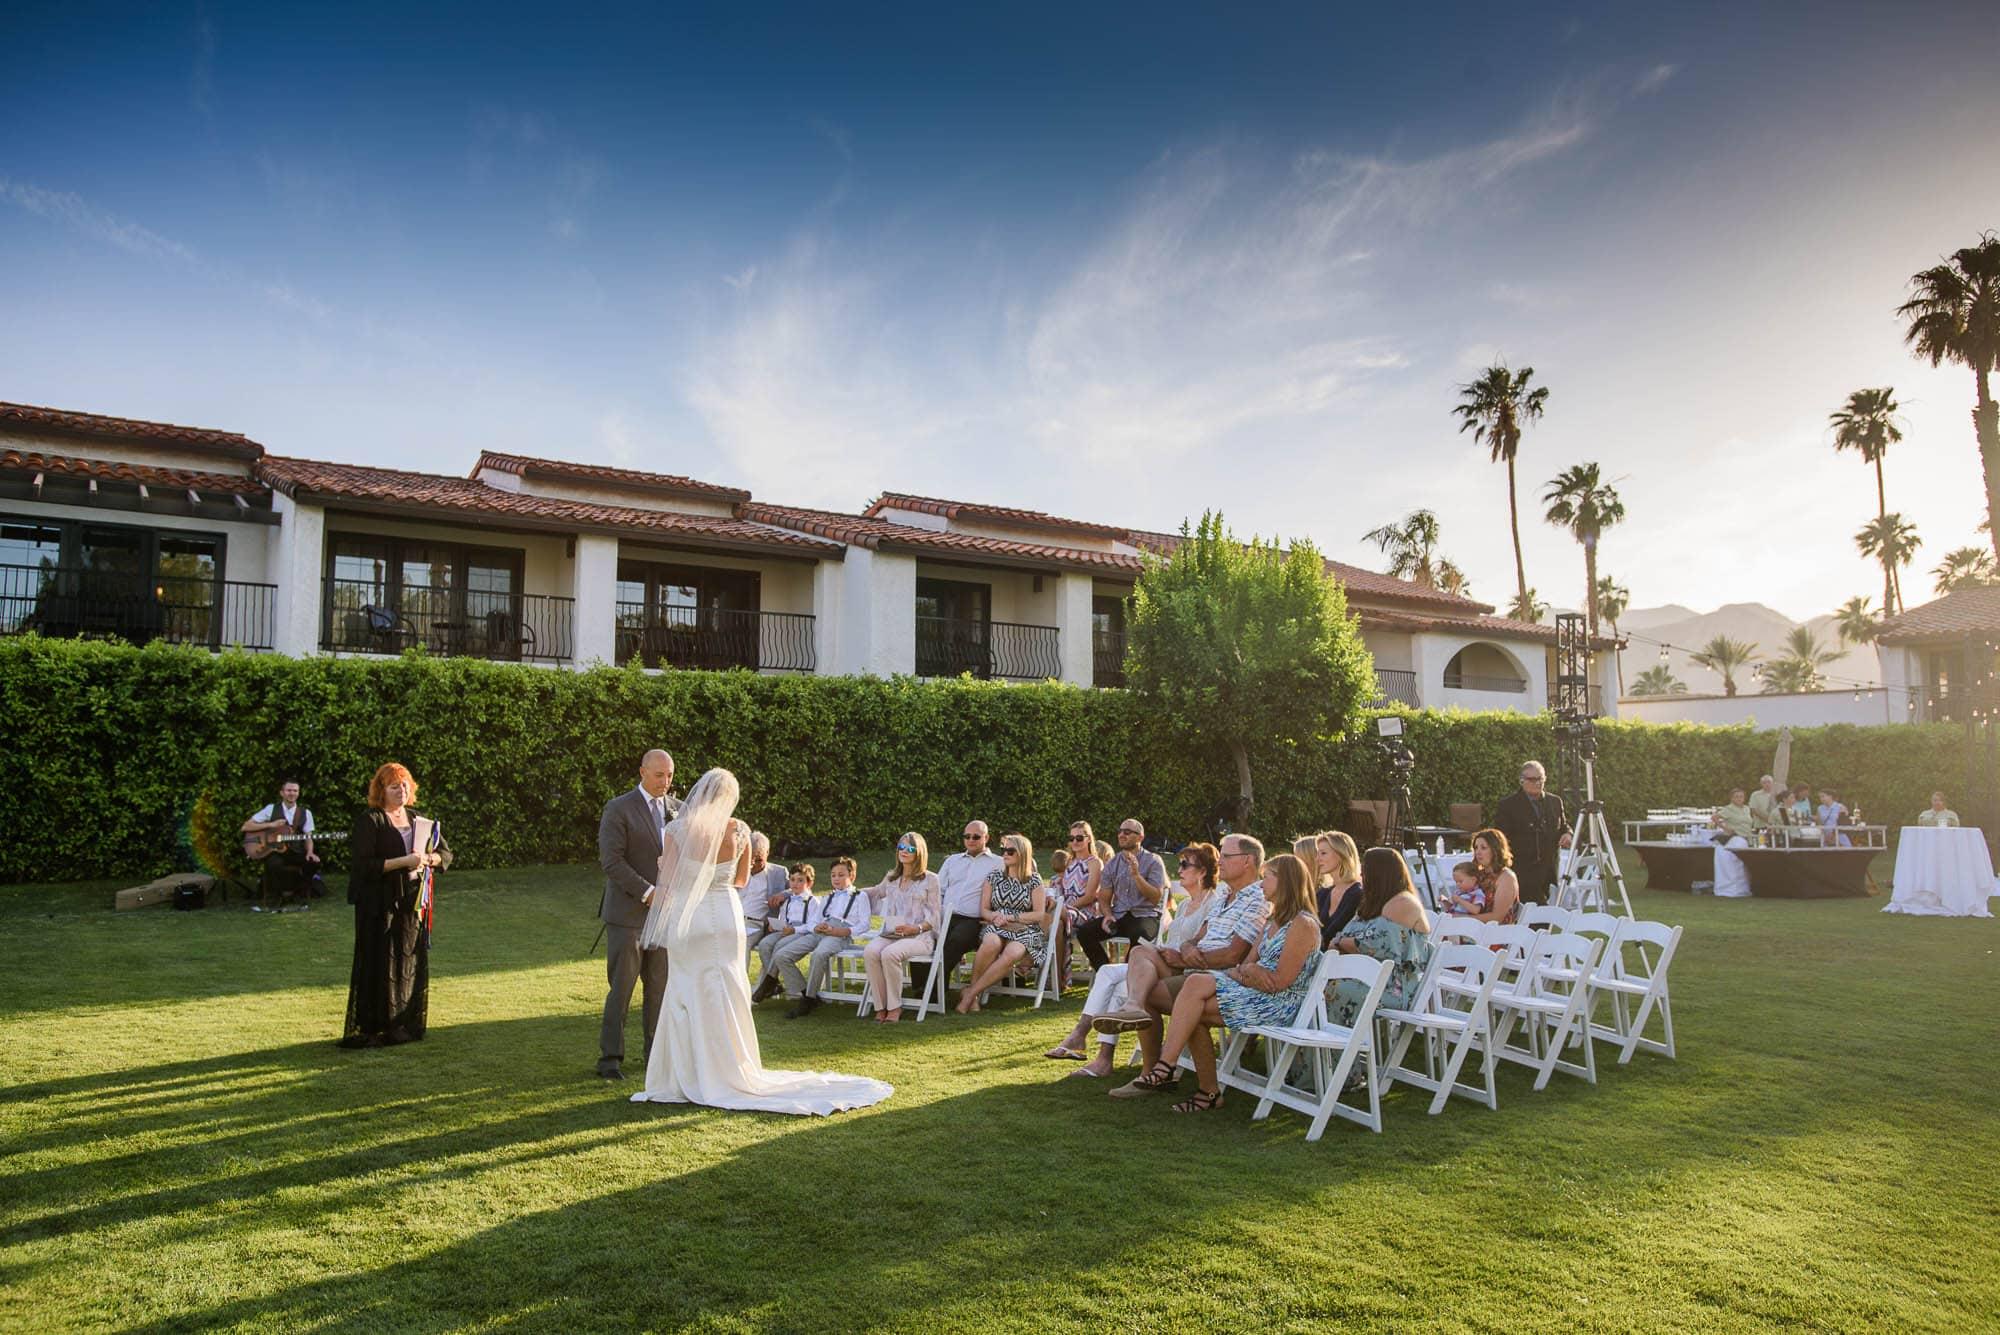 036_Alan_and_Heidi_Wedding_Amanda_Chad